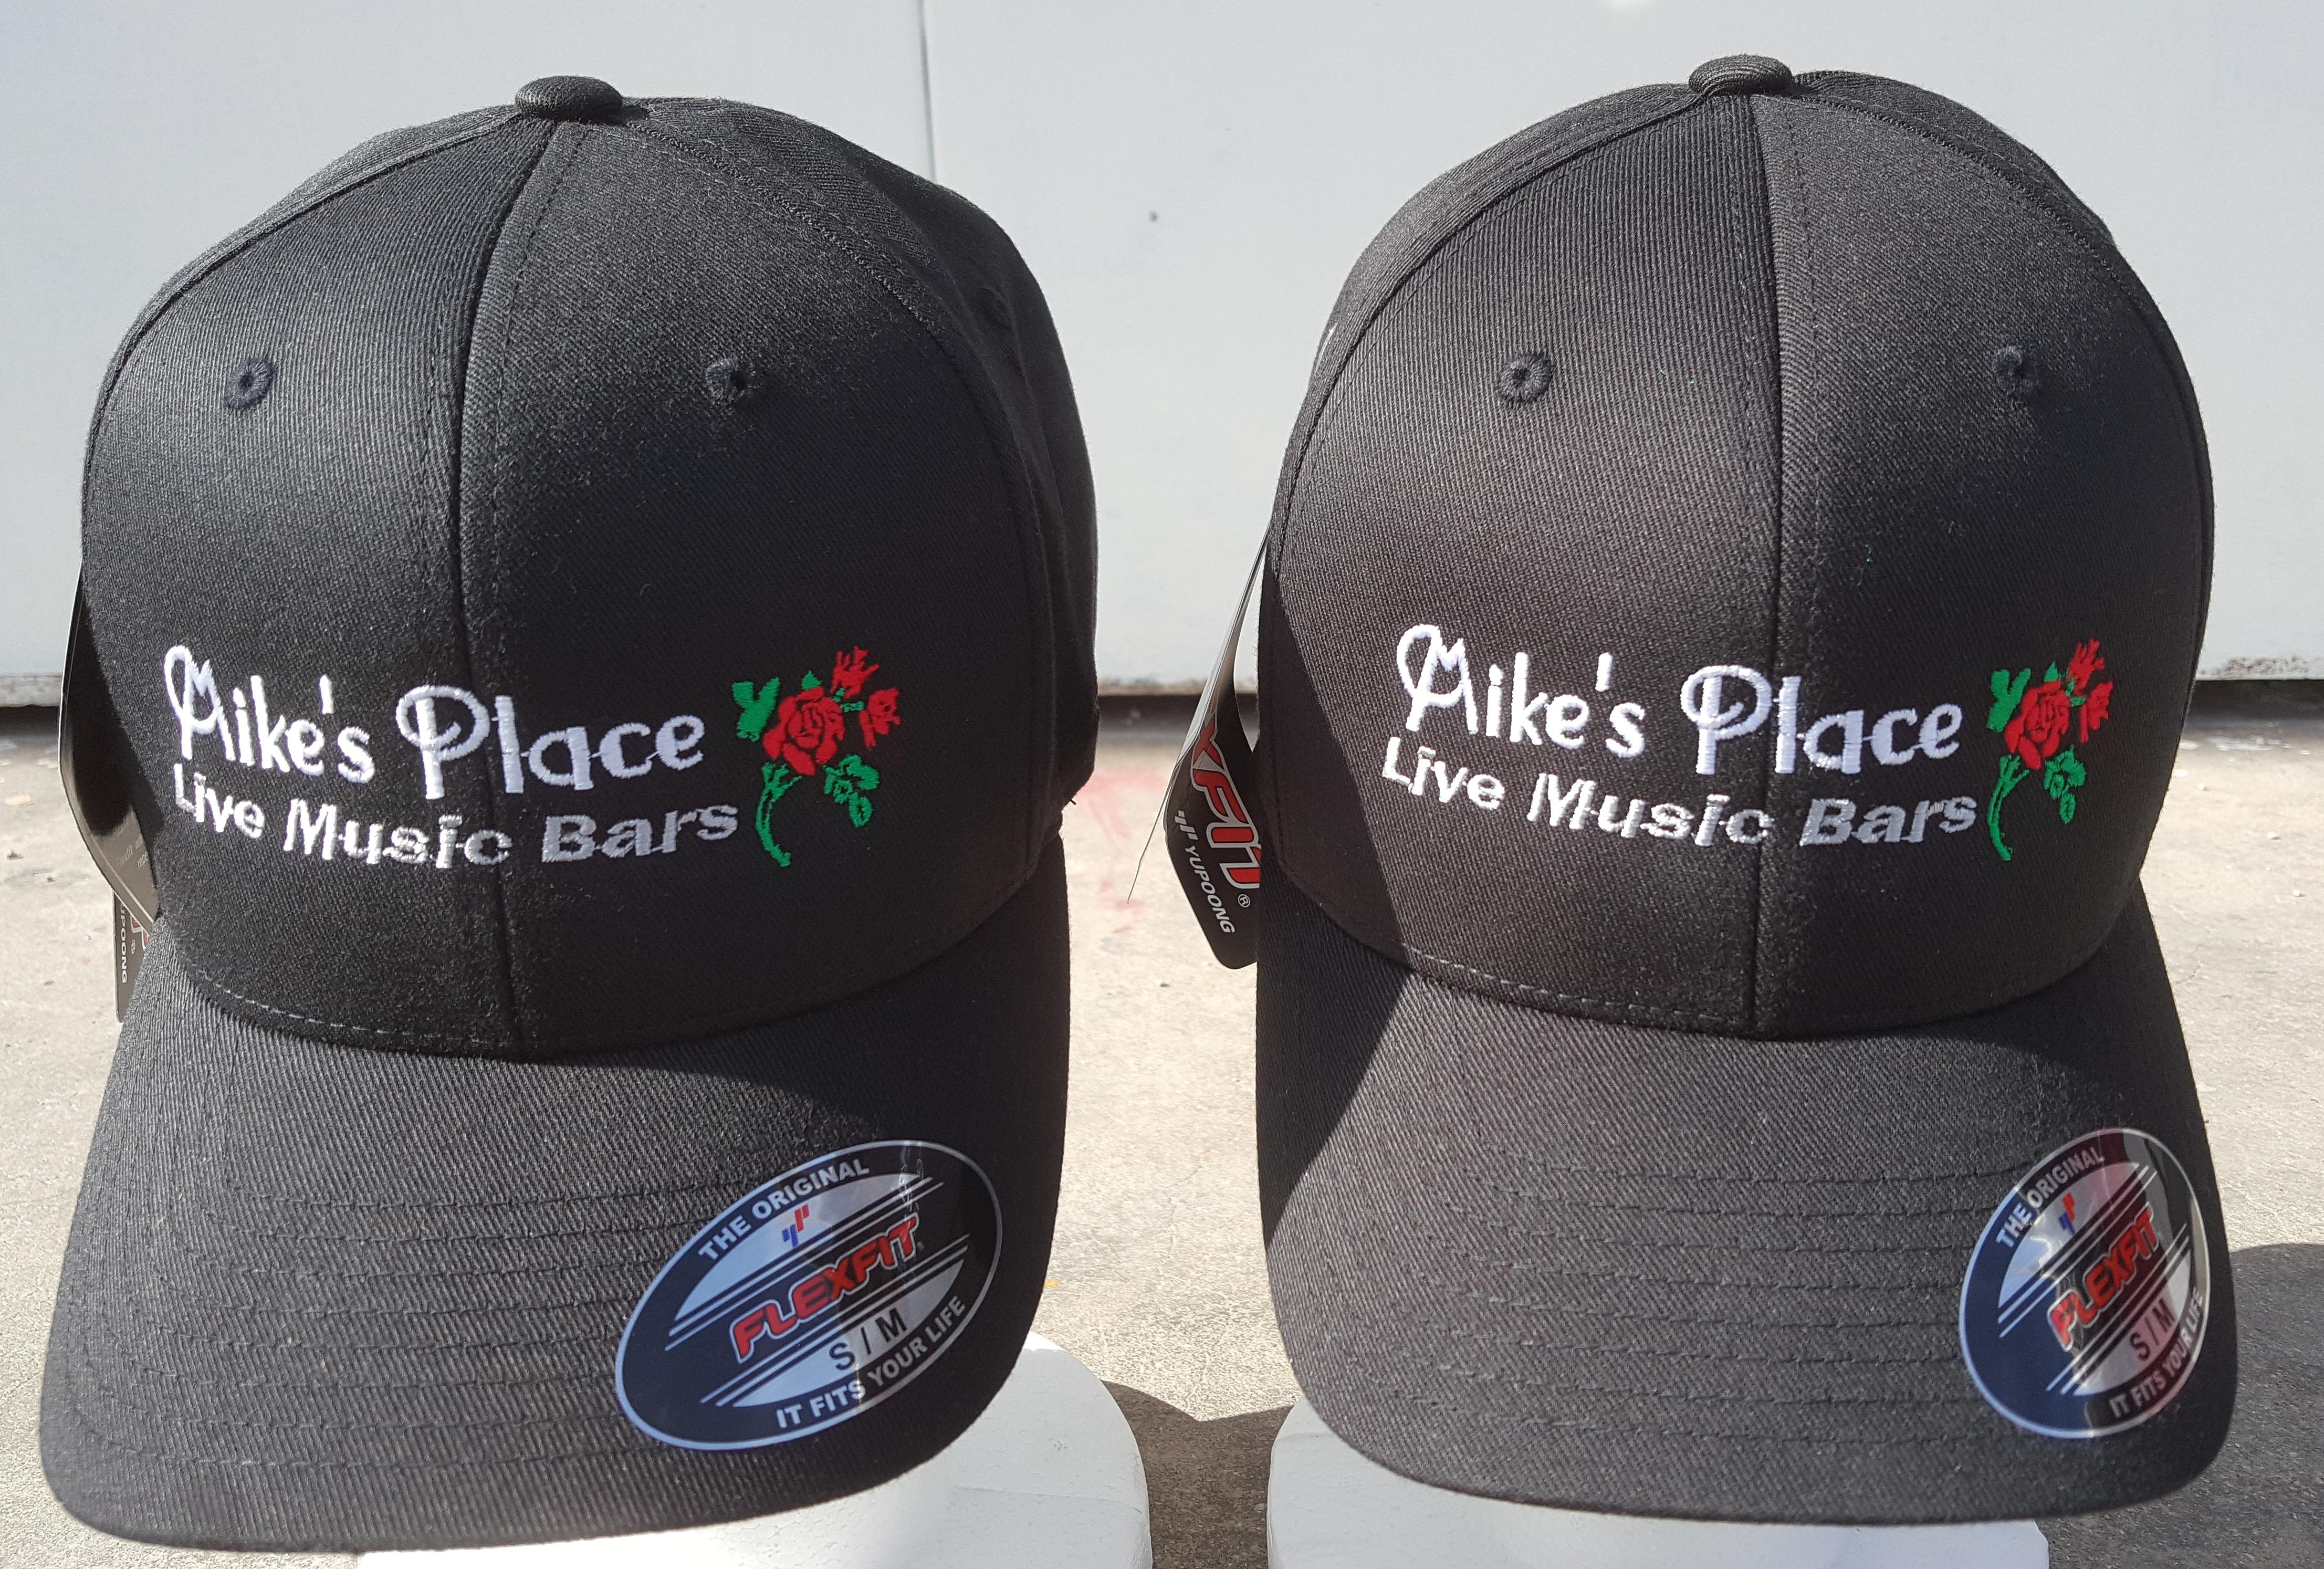 כובעי פלקספיט - כובעים ממותגים